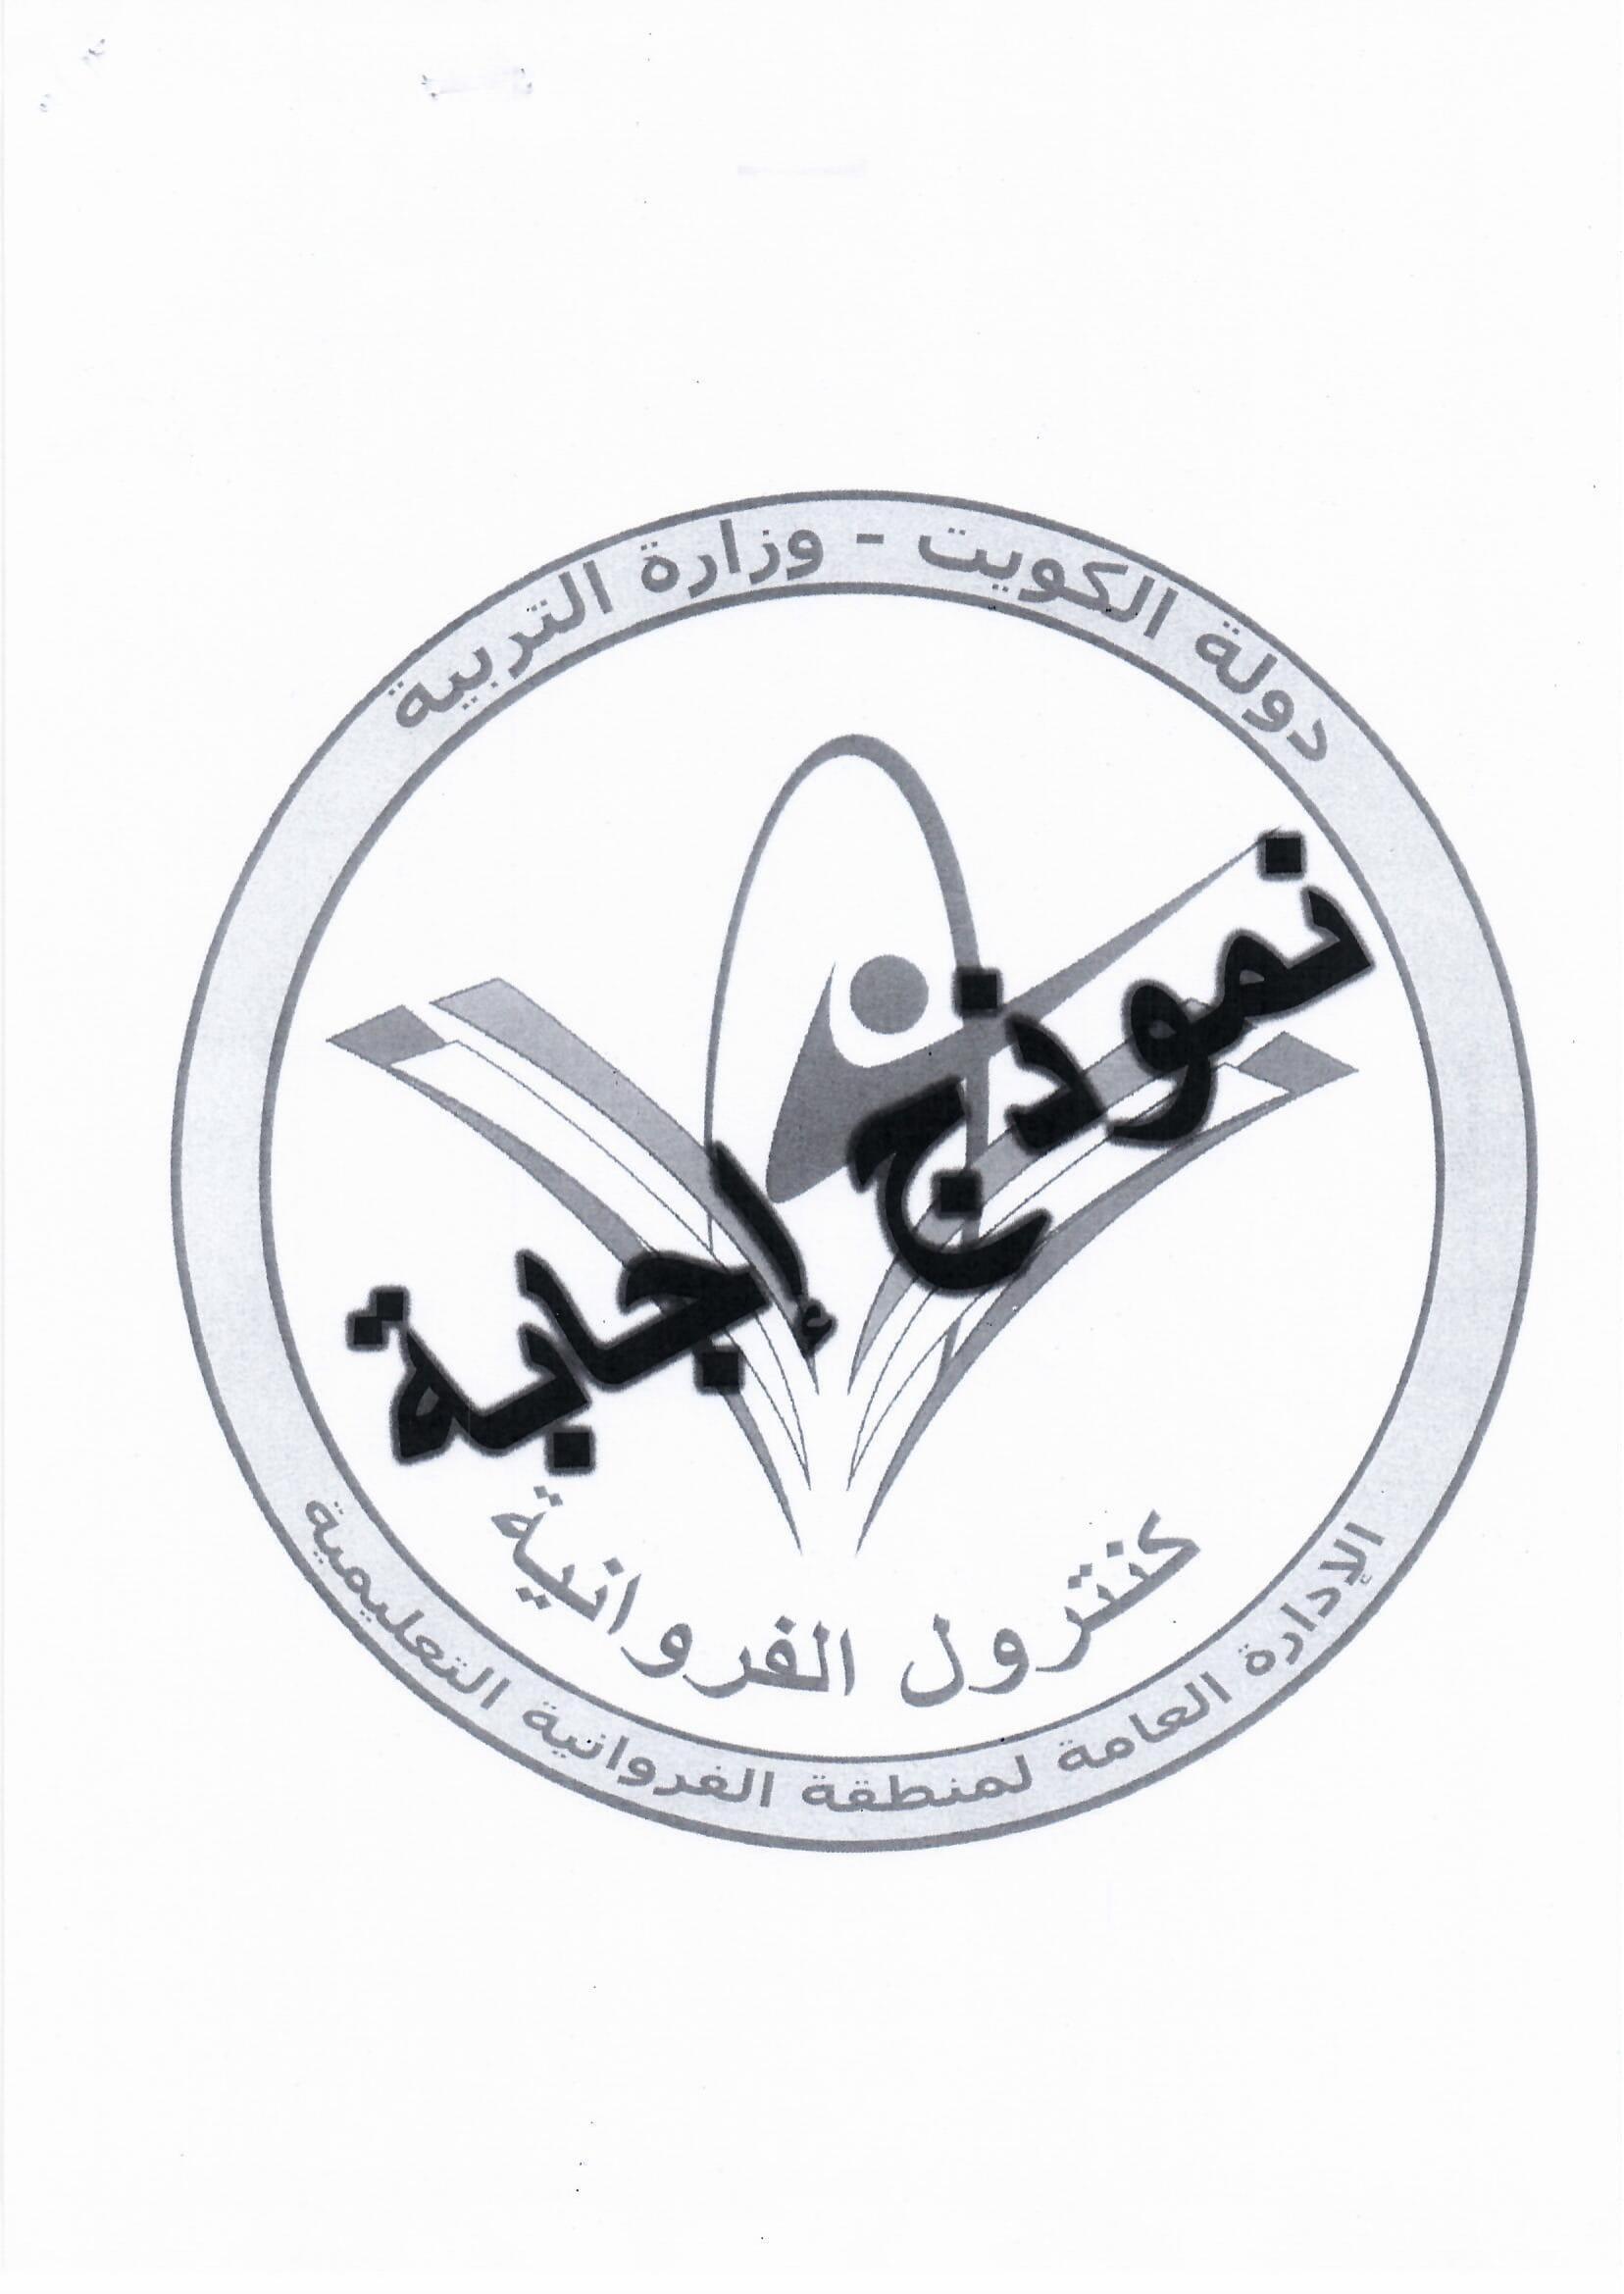 نموذج اجابة اختبار عربي الصف التاسع الفصل الثاني